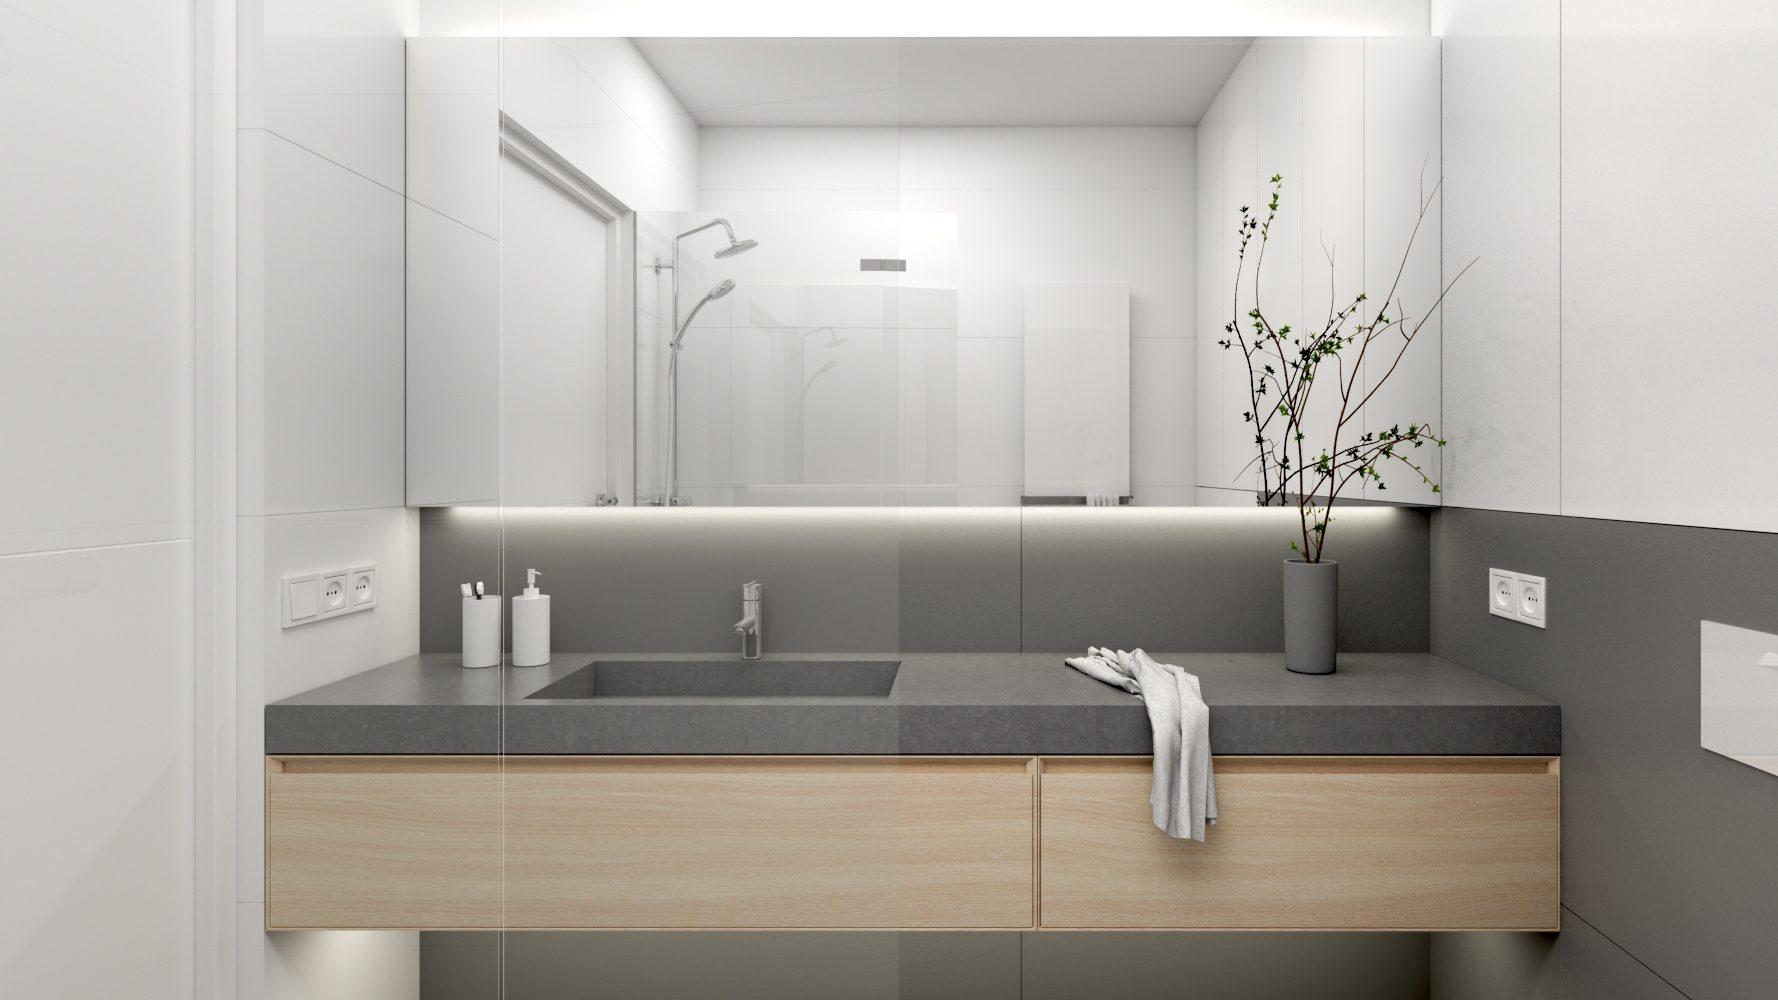 łazienka 1778x1000 na stronę